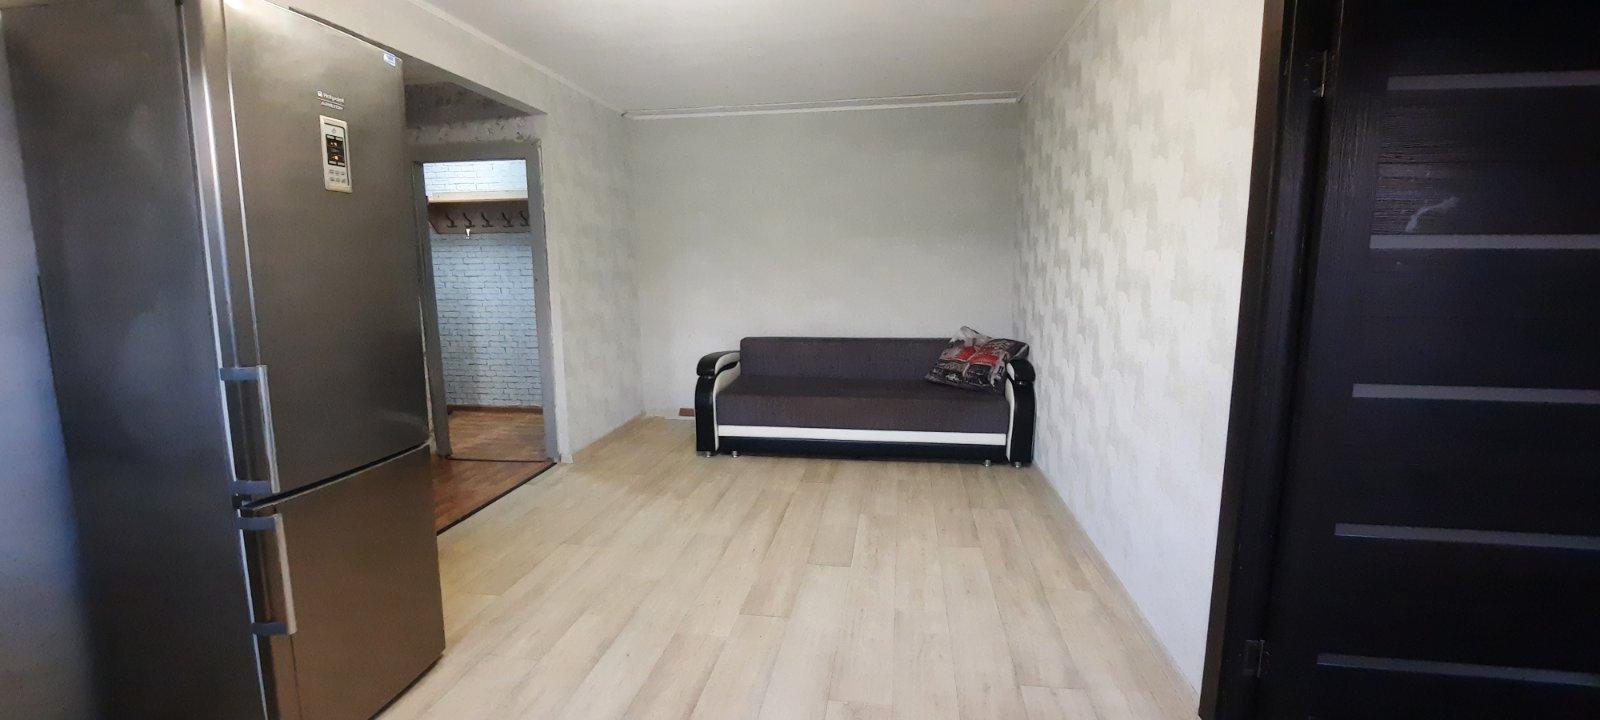 2к квартира улица Кутузова, 27   16000   аренда в Красноярске фото 3